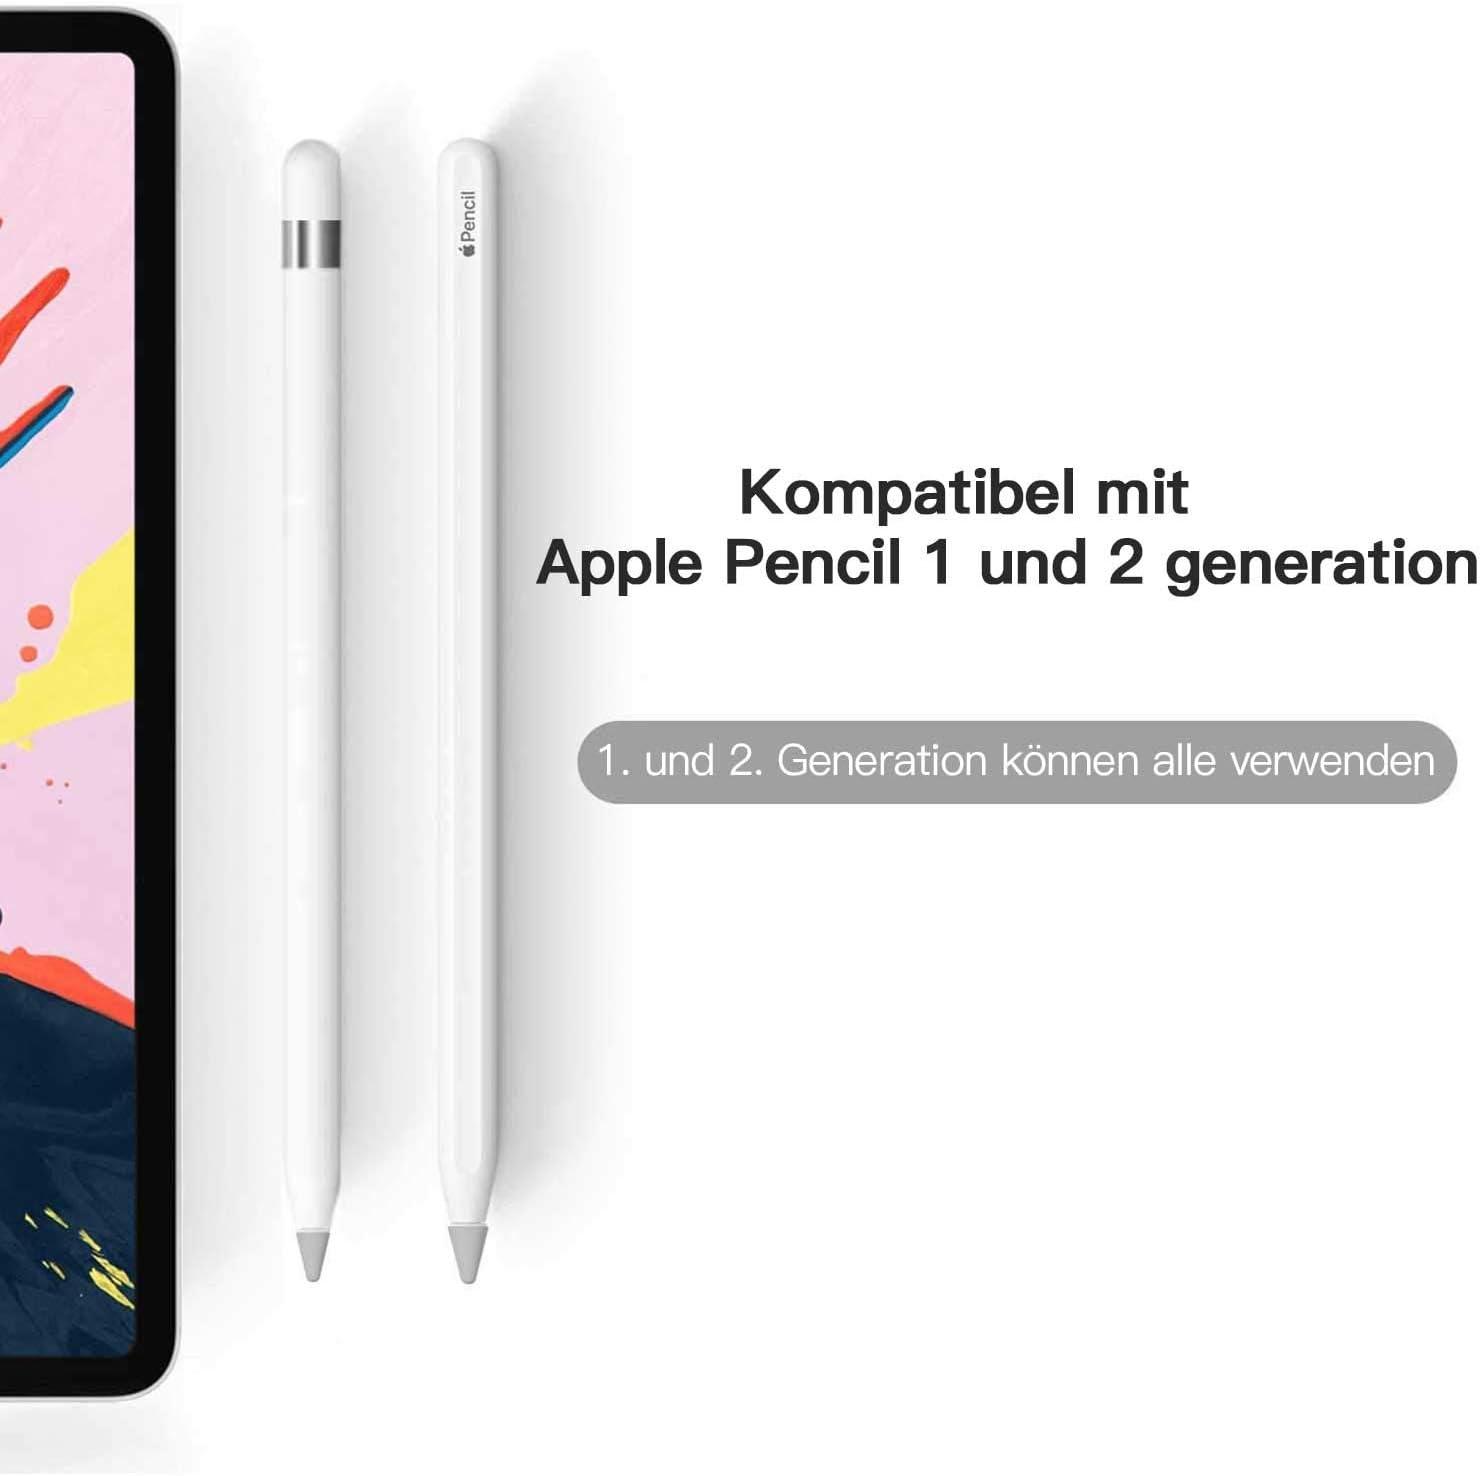 Spitze Zubeh/ör iPencil Nib Protective Cover 45 Packung PZOZ 45 Packung rutschfeste Kappe f/ür Apple Pencil 1.und 2 Grau Generation iPad Pen Silikon Schreibfeder